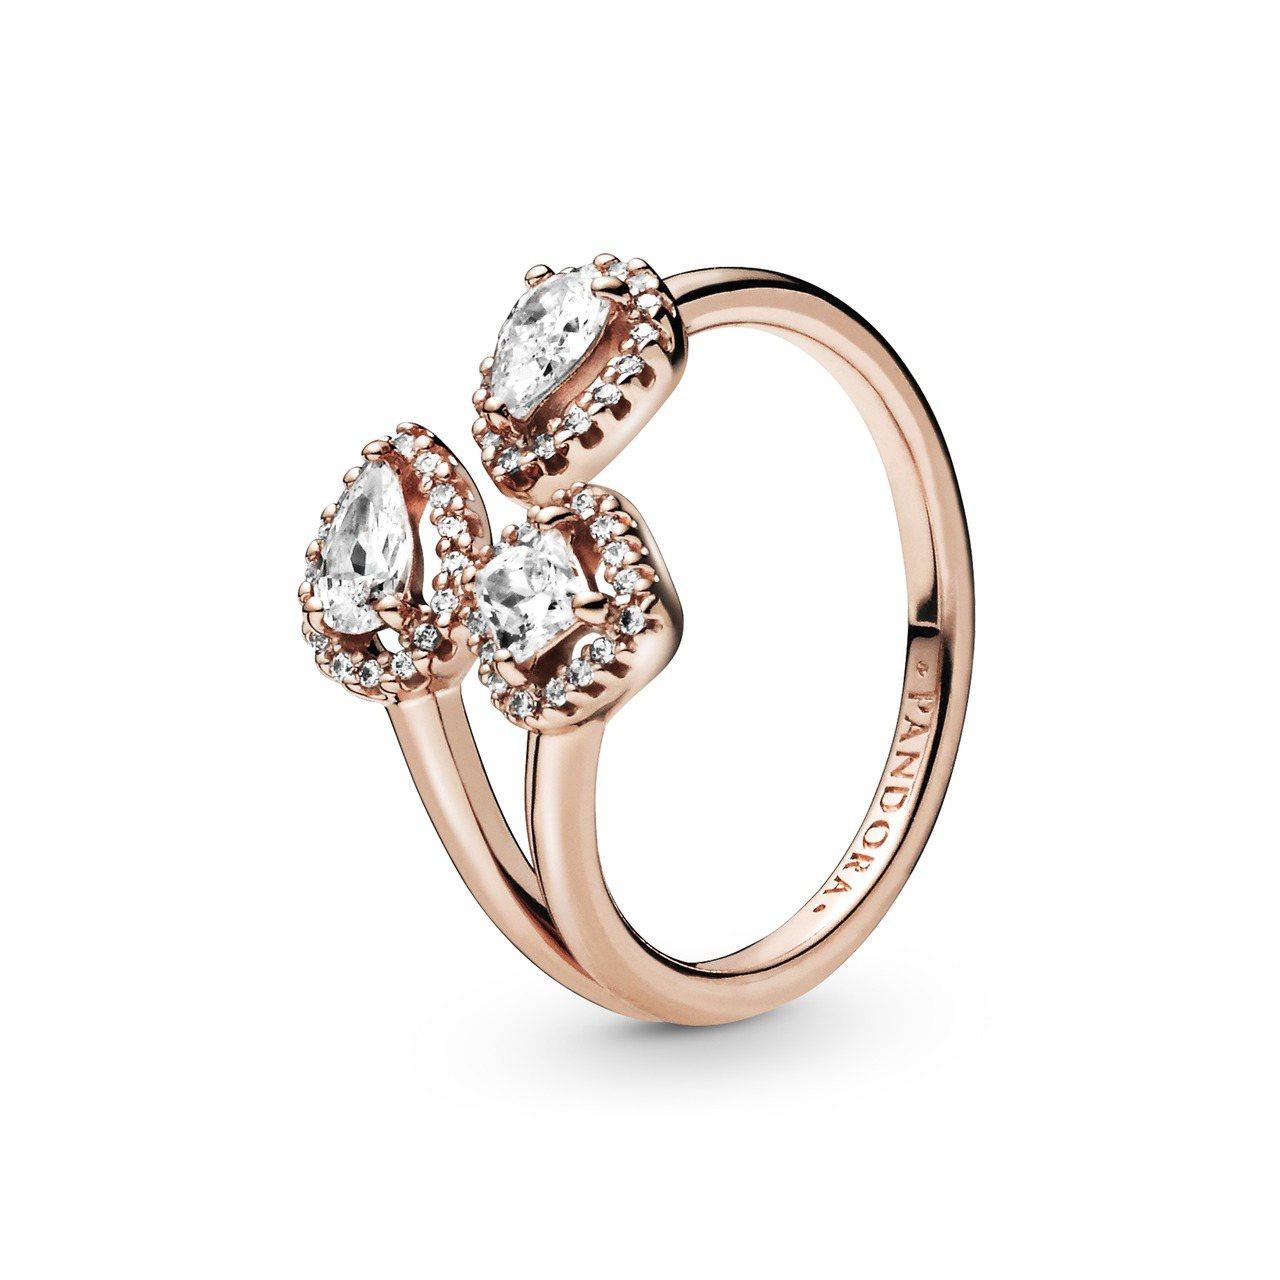 Pandora Rose 唯美幾何開放式戒指5,380元。圖/Pandora提供